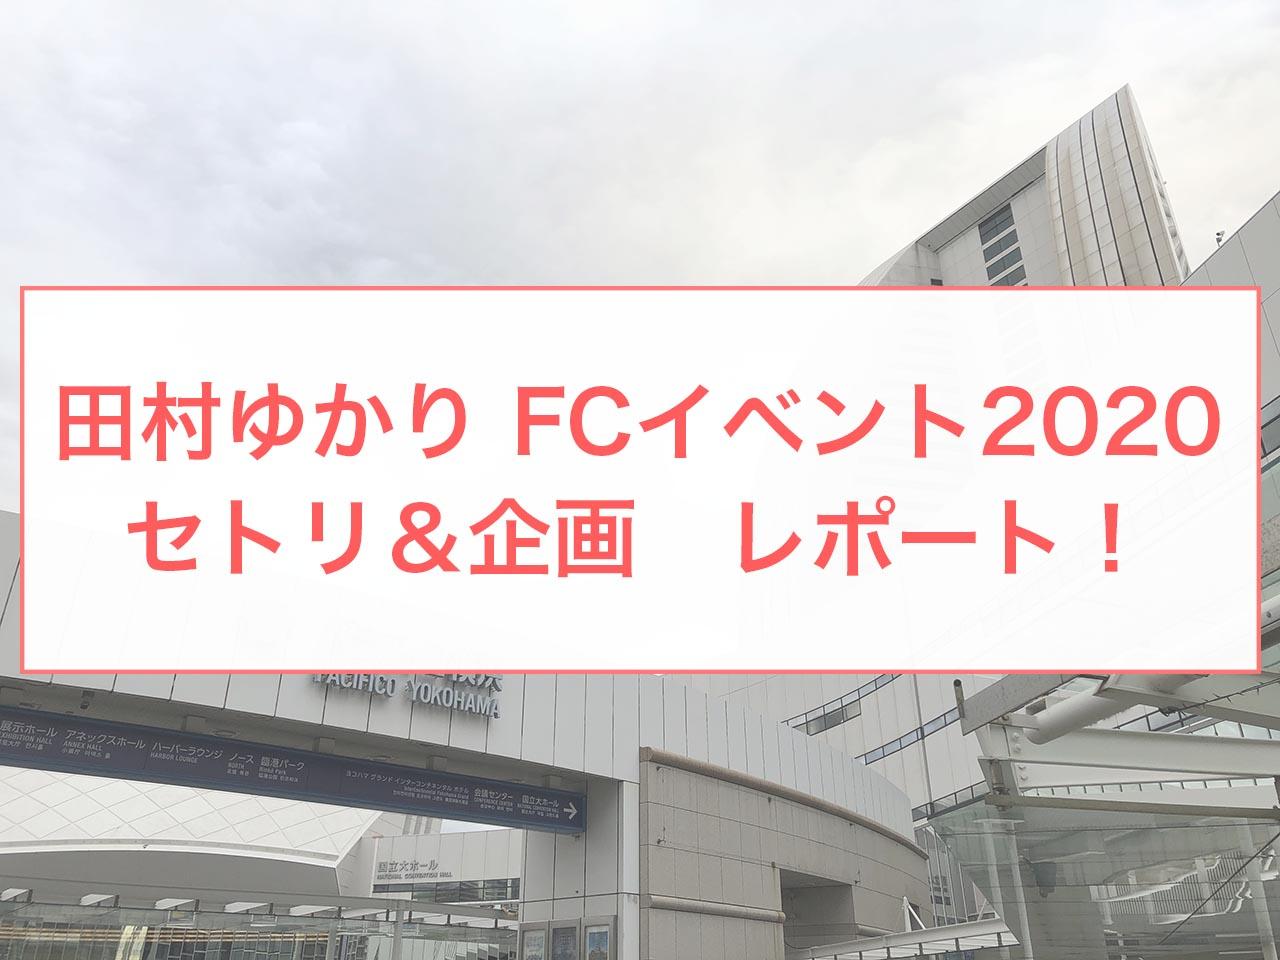 田村ゆかりFCイベント2020のサムネイル